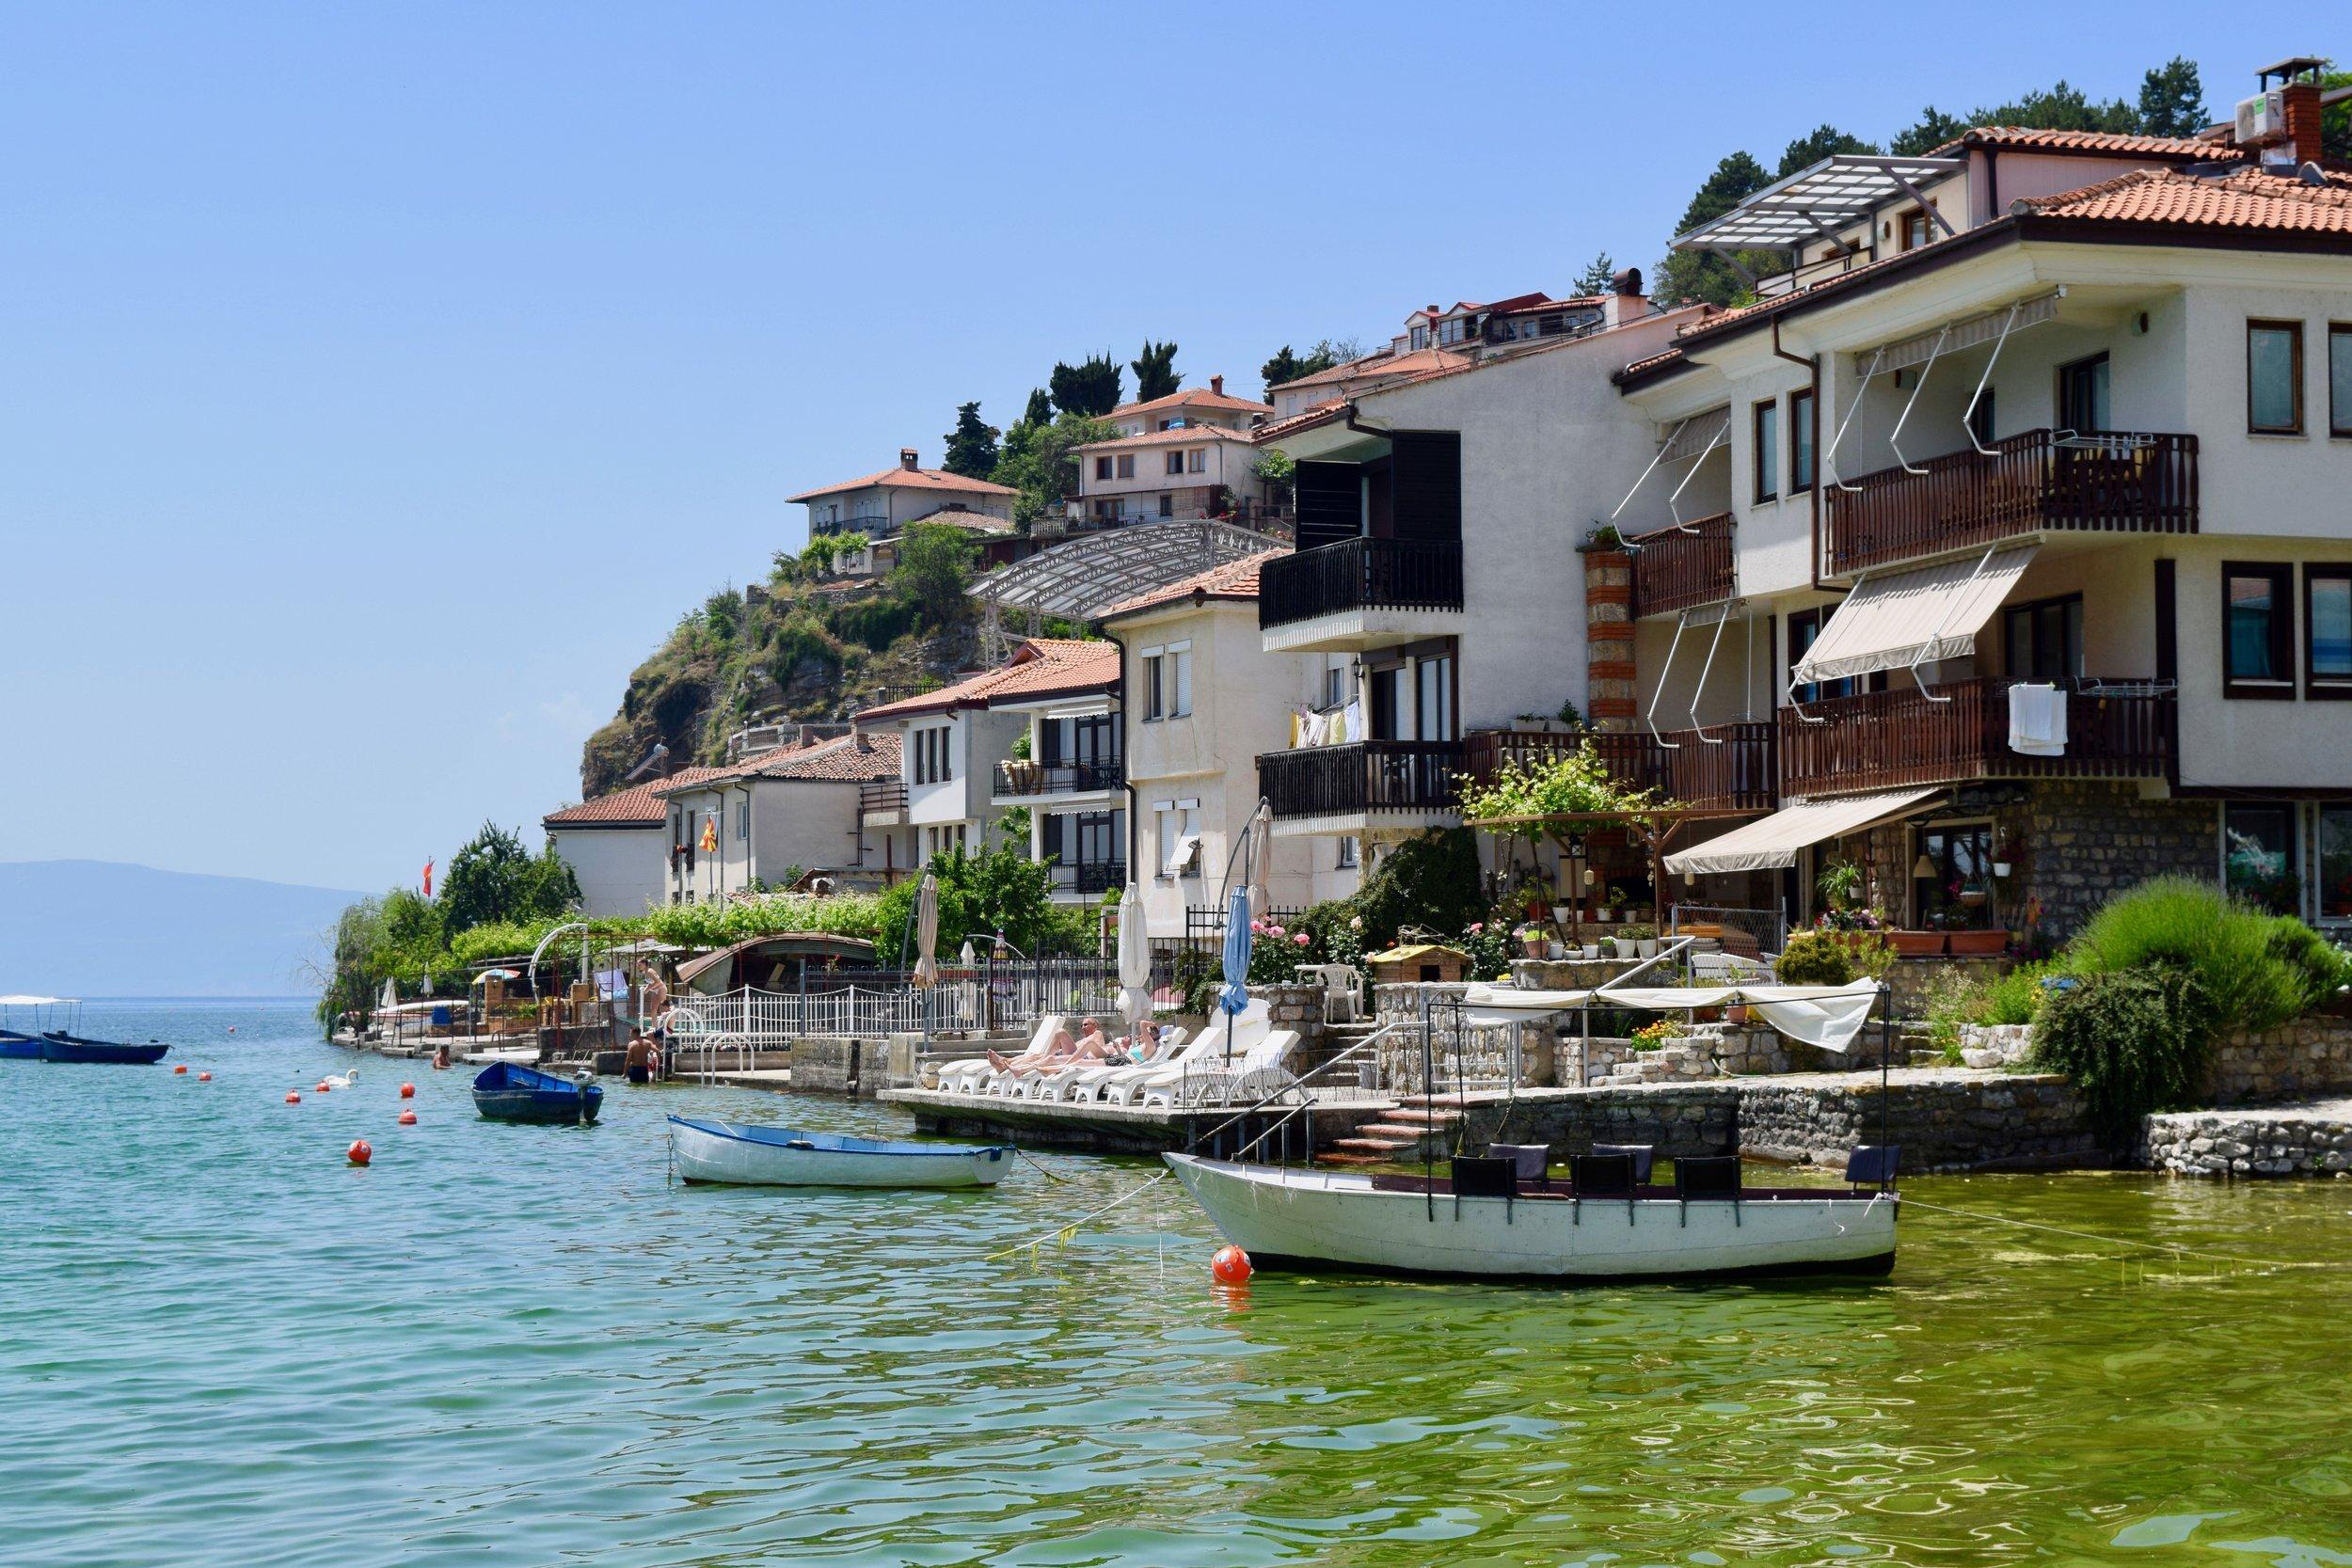 Houses on Ohrid lake